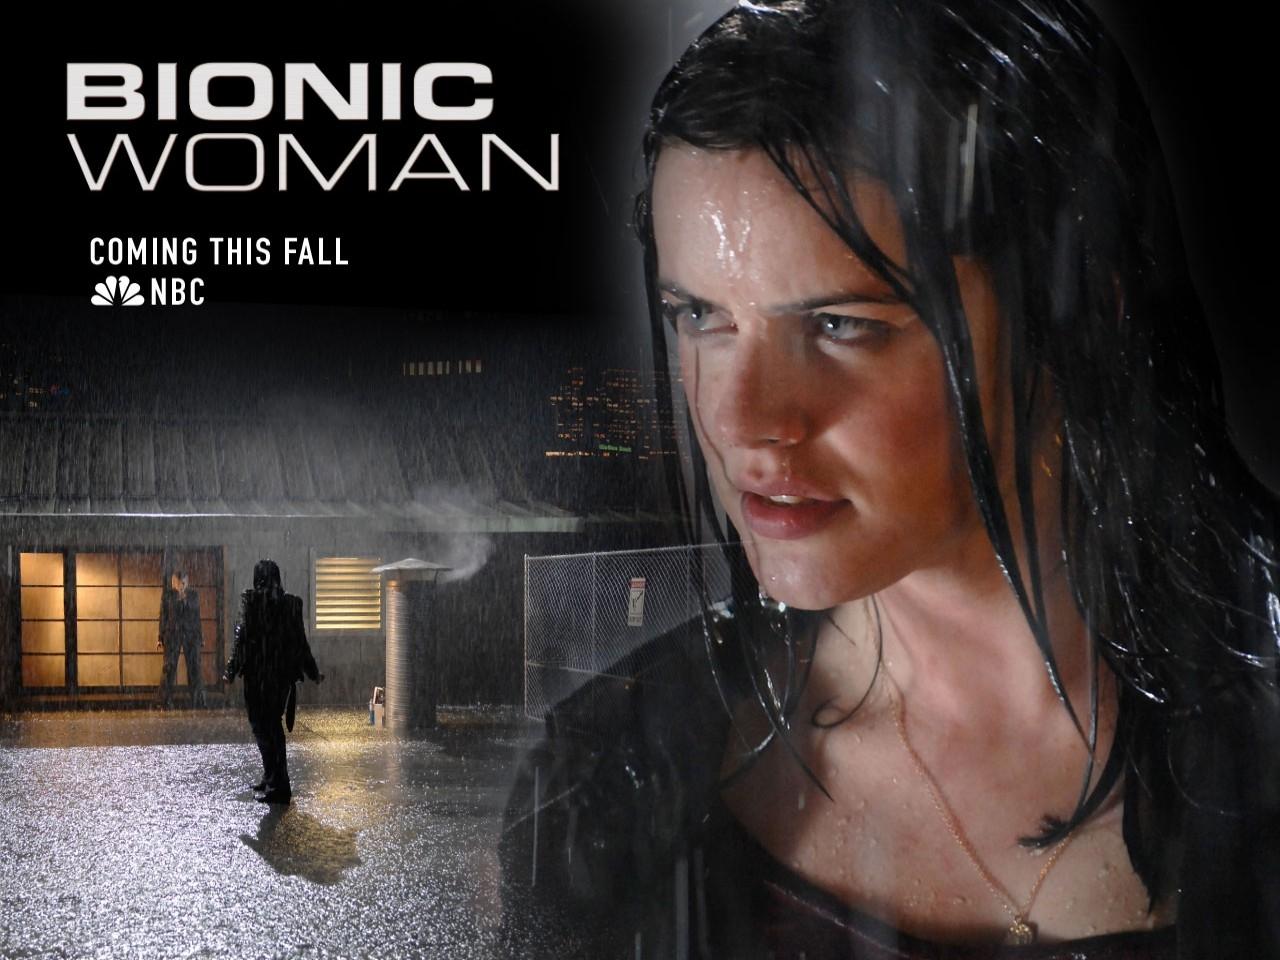 Wallpaper della serie Bionic Woman